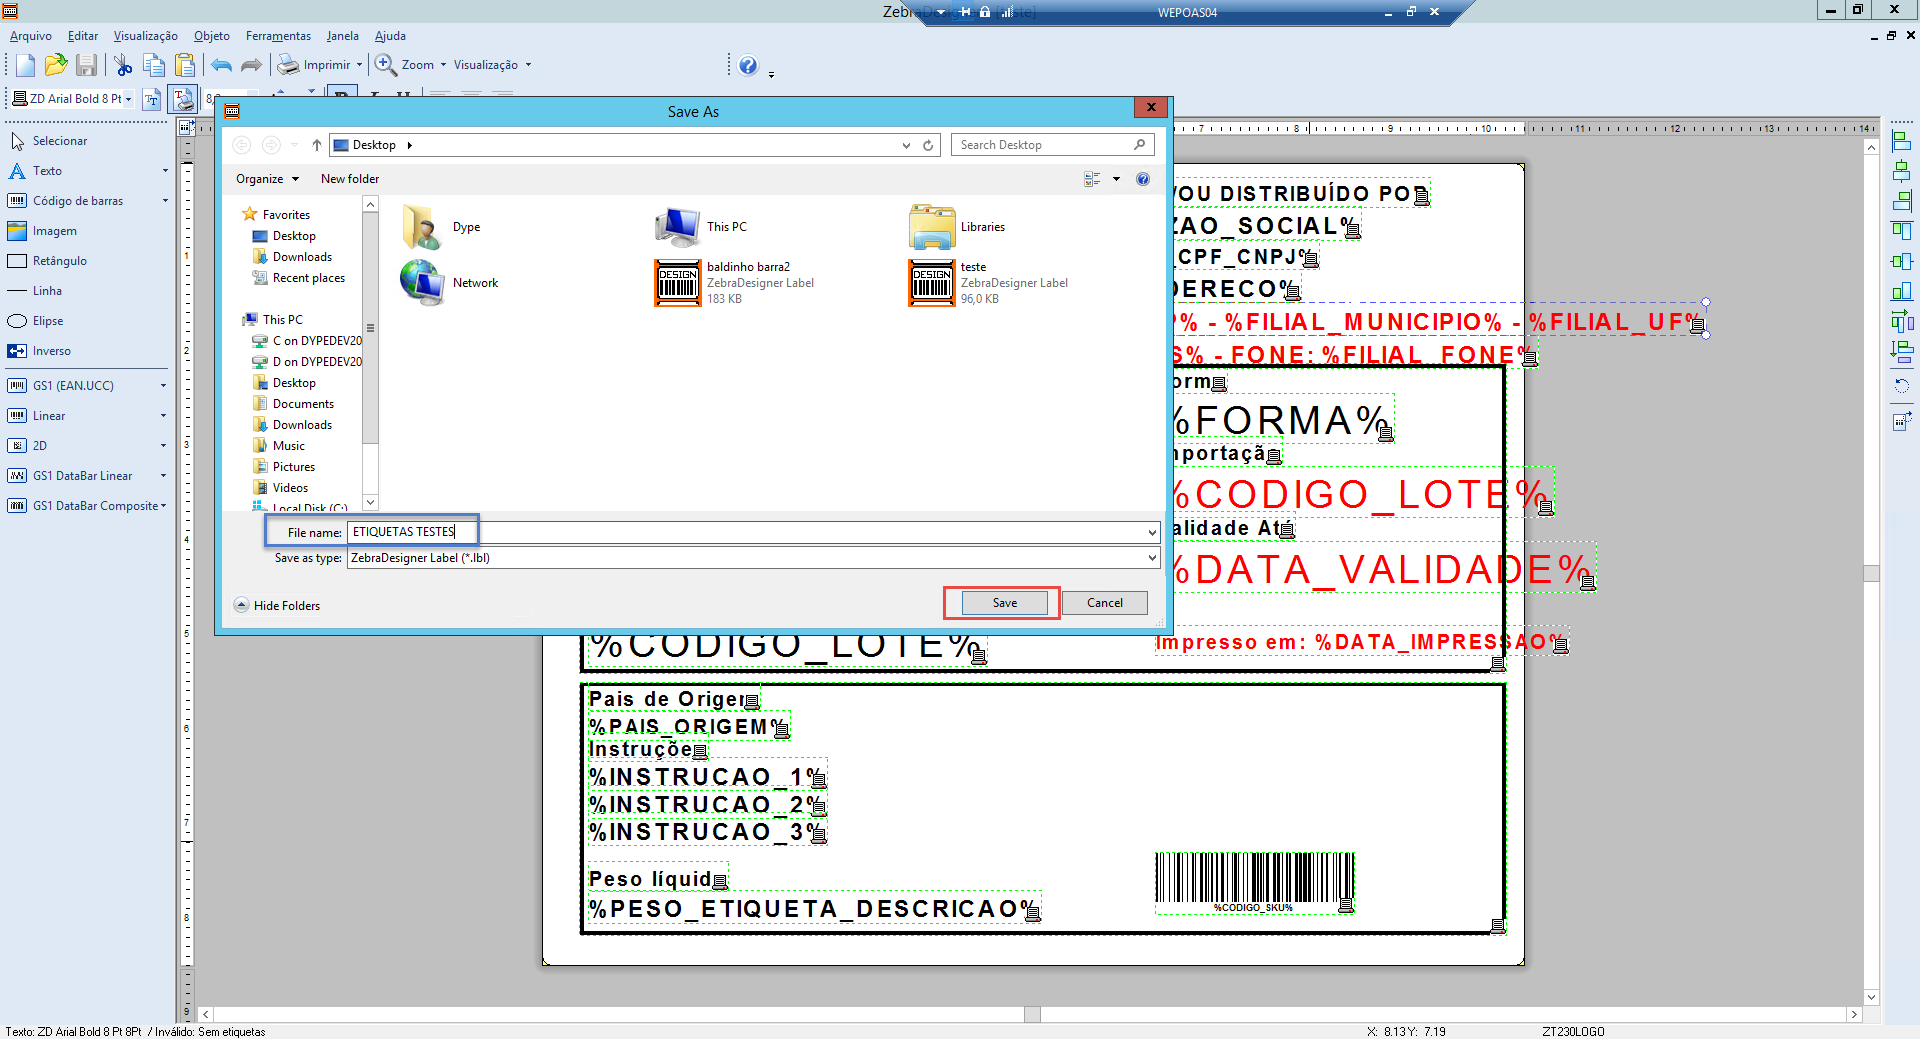 Salvando arquivo LBL